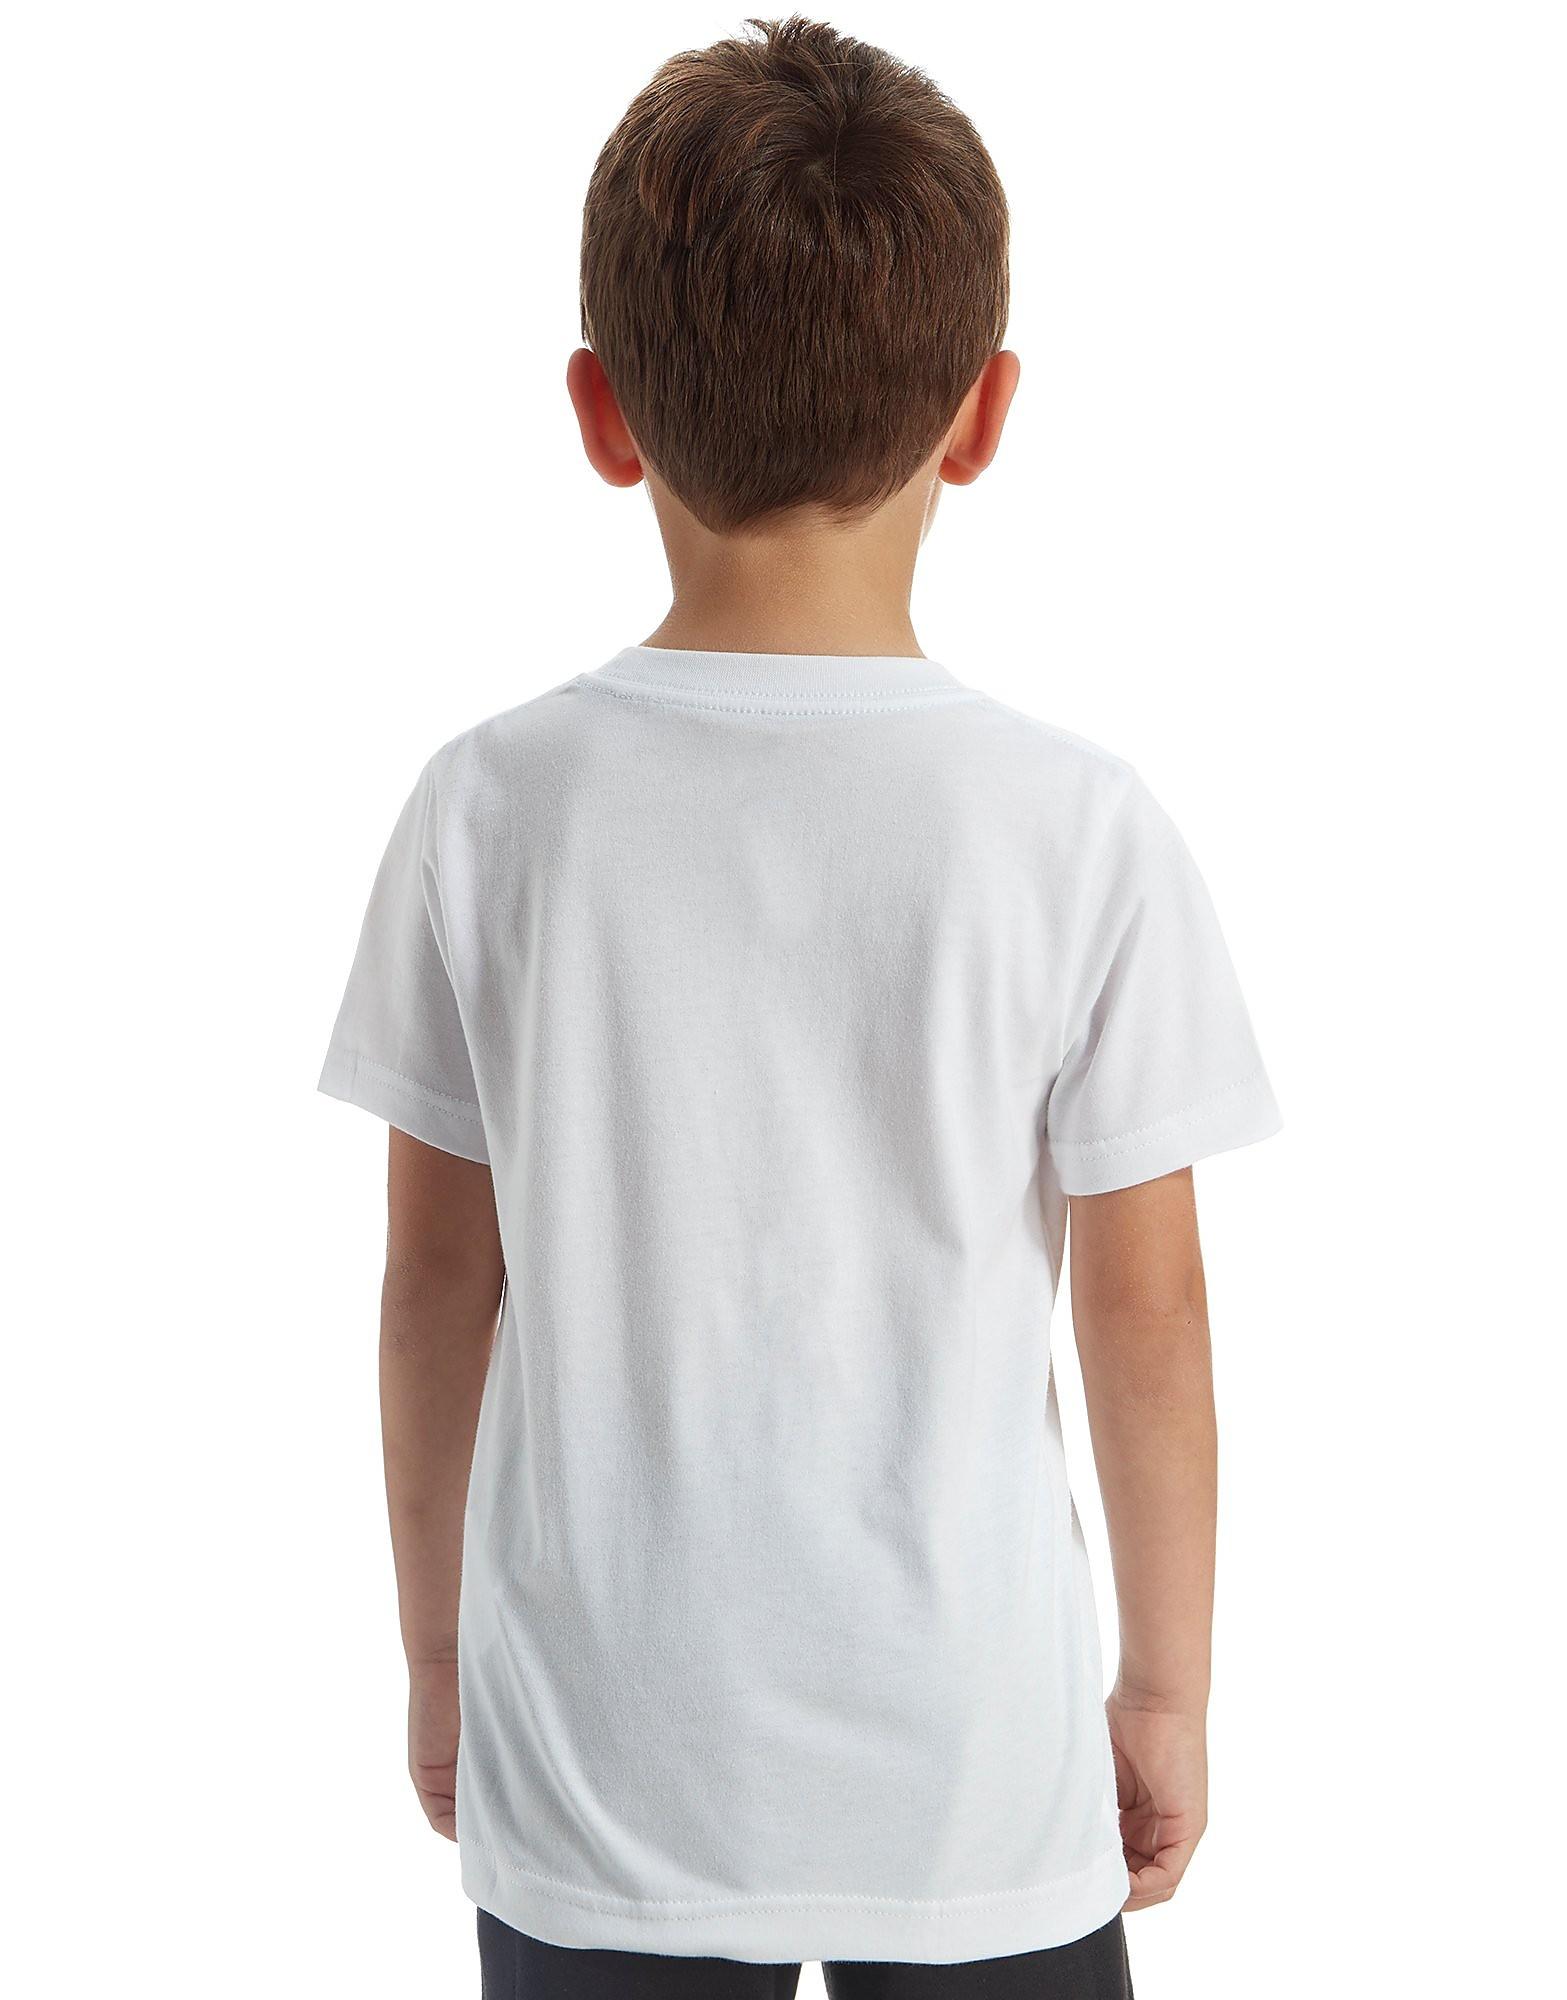 Jordan Dunk T-Shirt Children